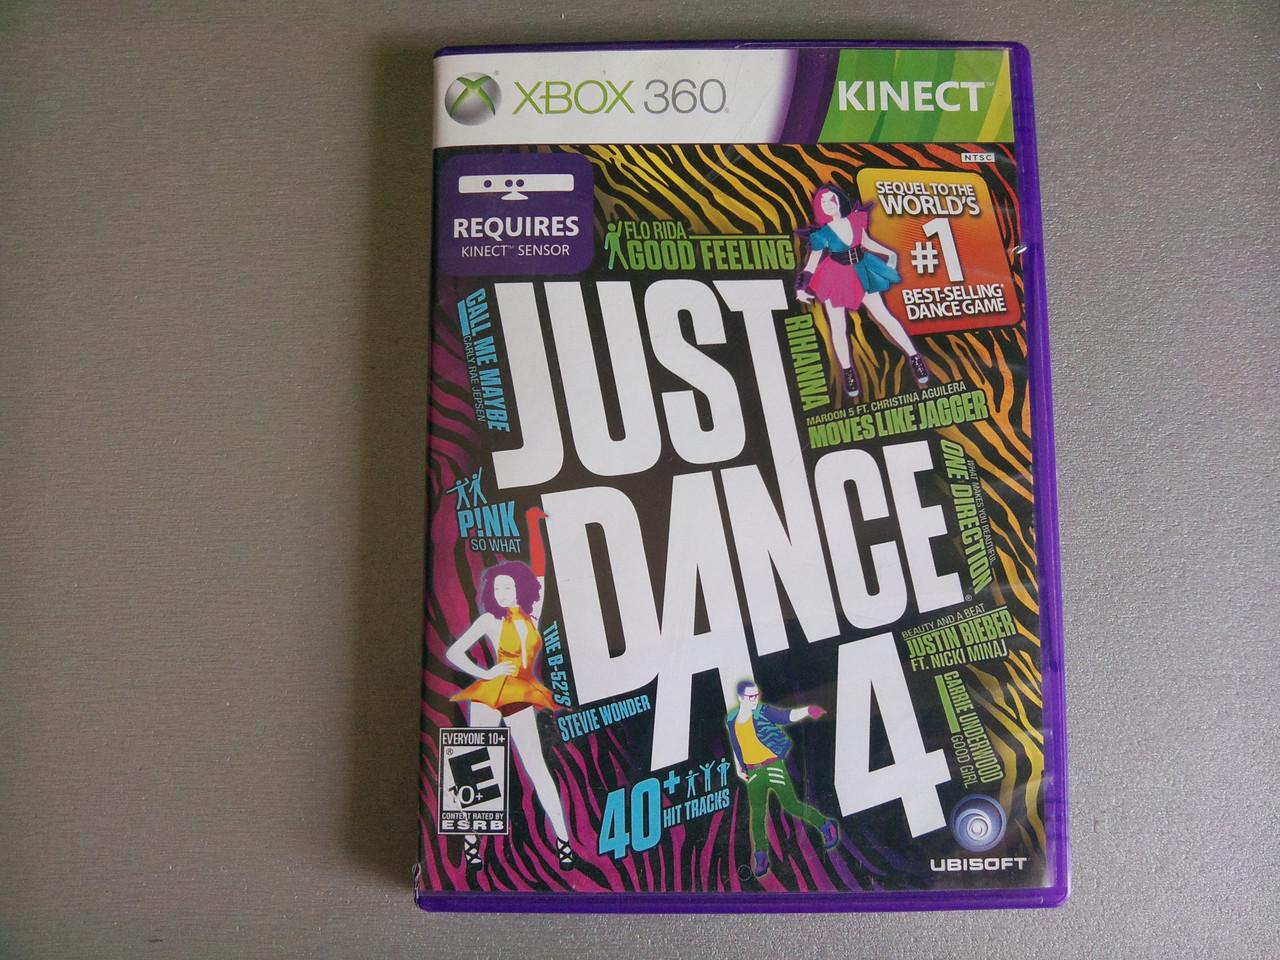 Игра xbox 360 Kinect Just Dance 4  регион NTSC - USmag в Черновцах